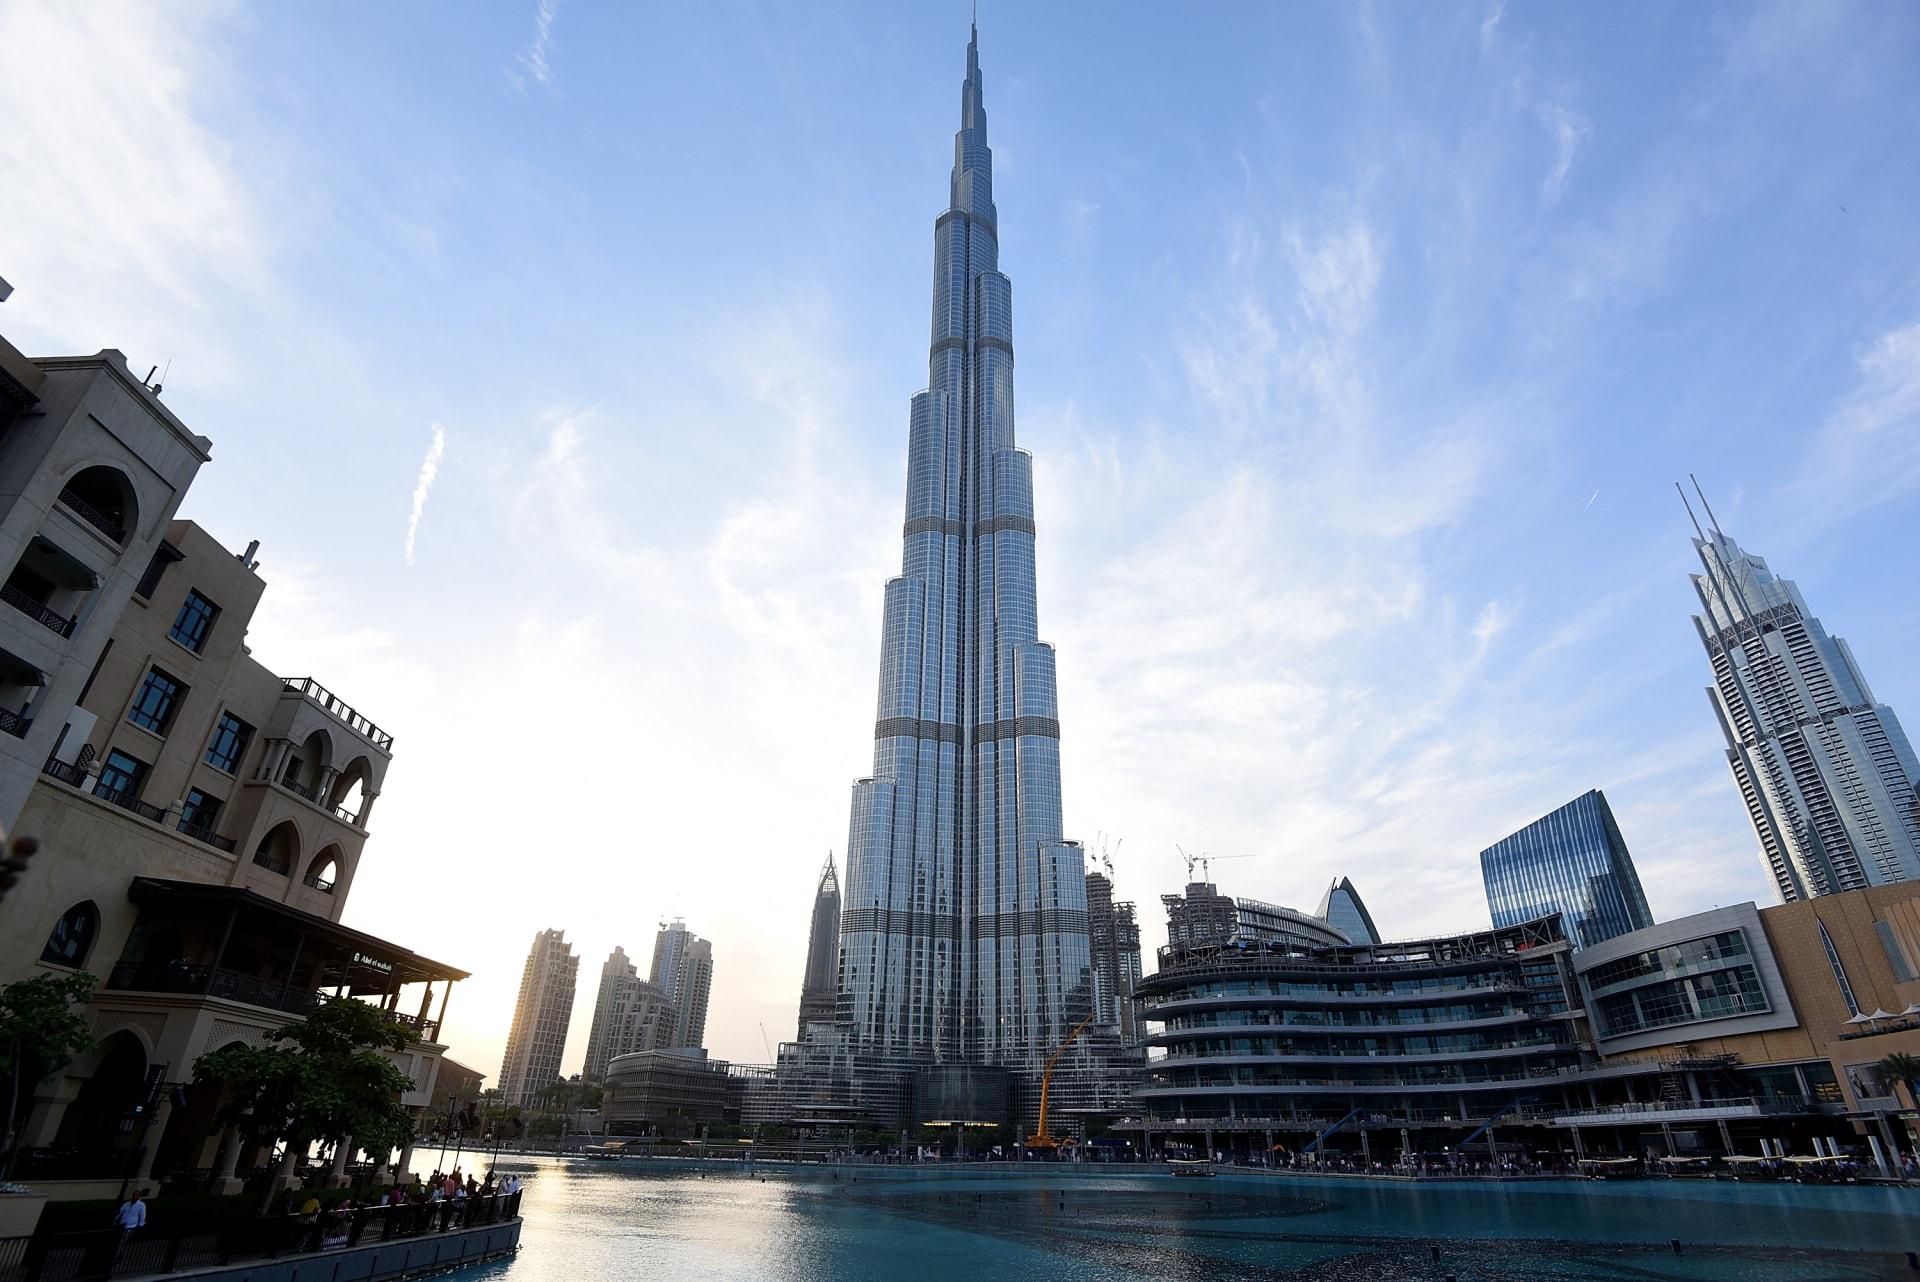 """فيديو جديد من طائرة """"درون"""" يبين برج خليفة من وجهة نظر مختلفة كلياً"""